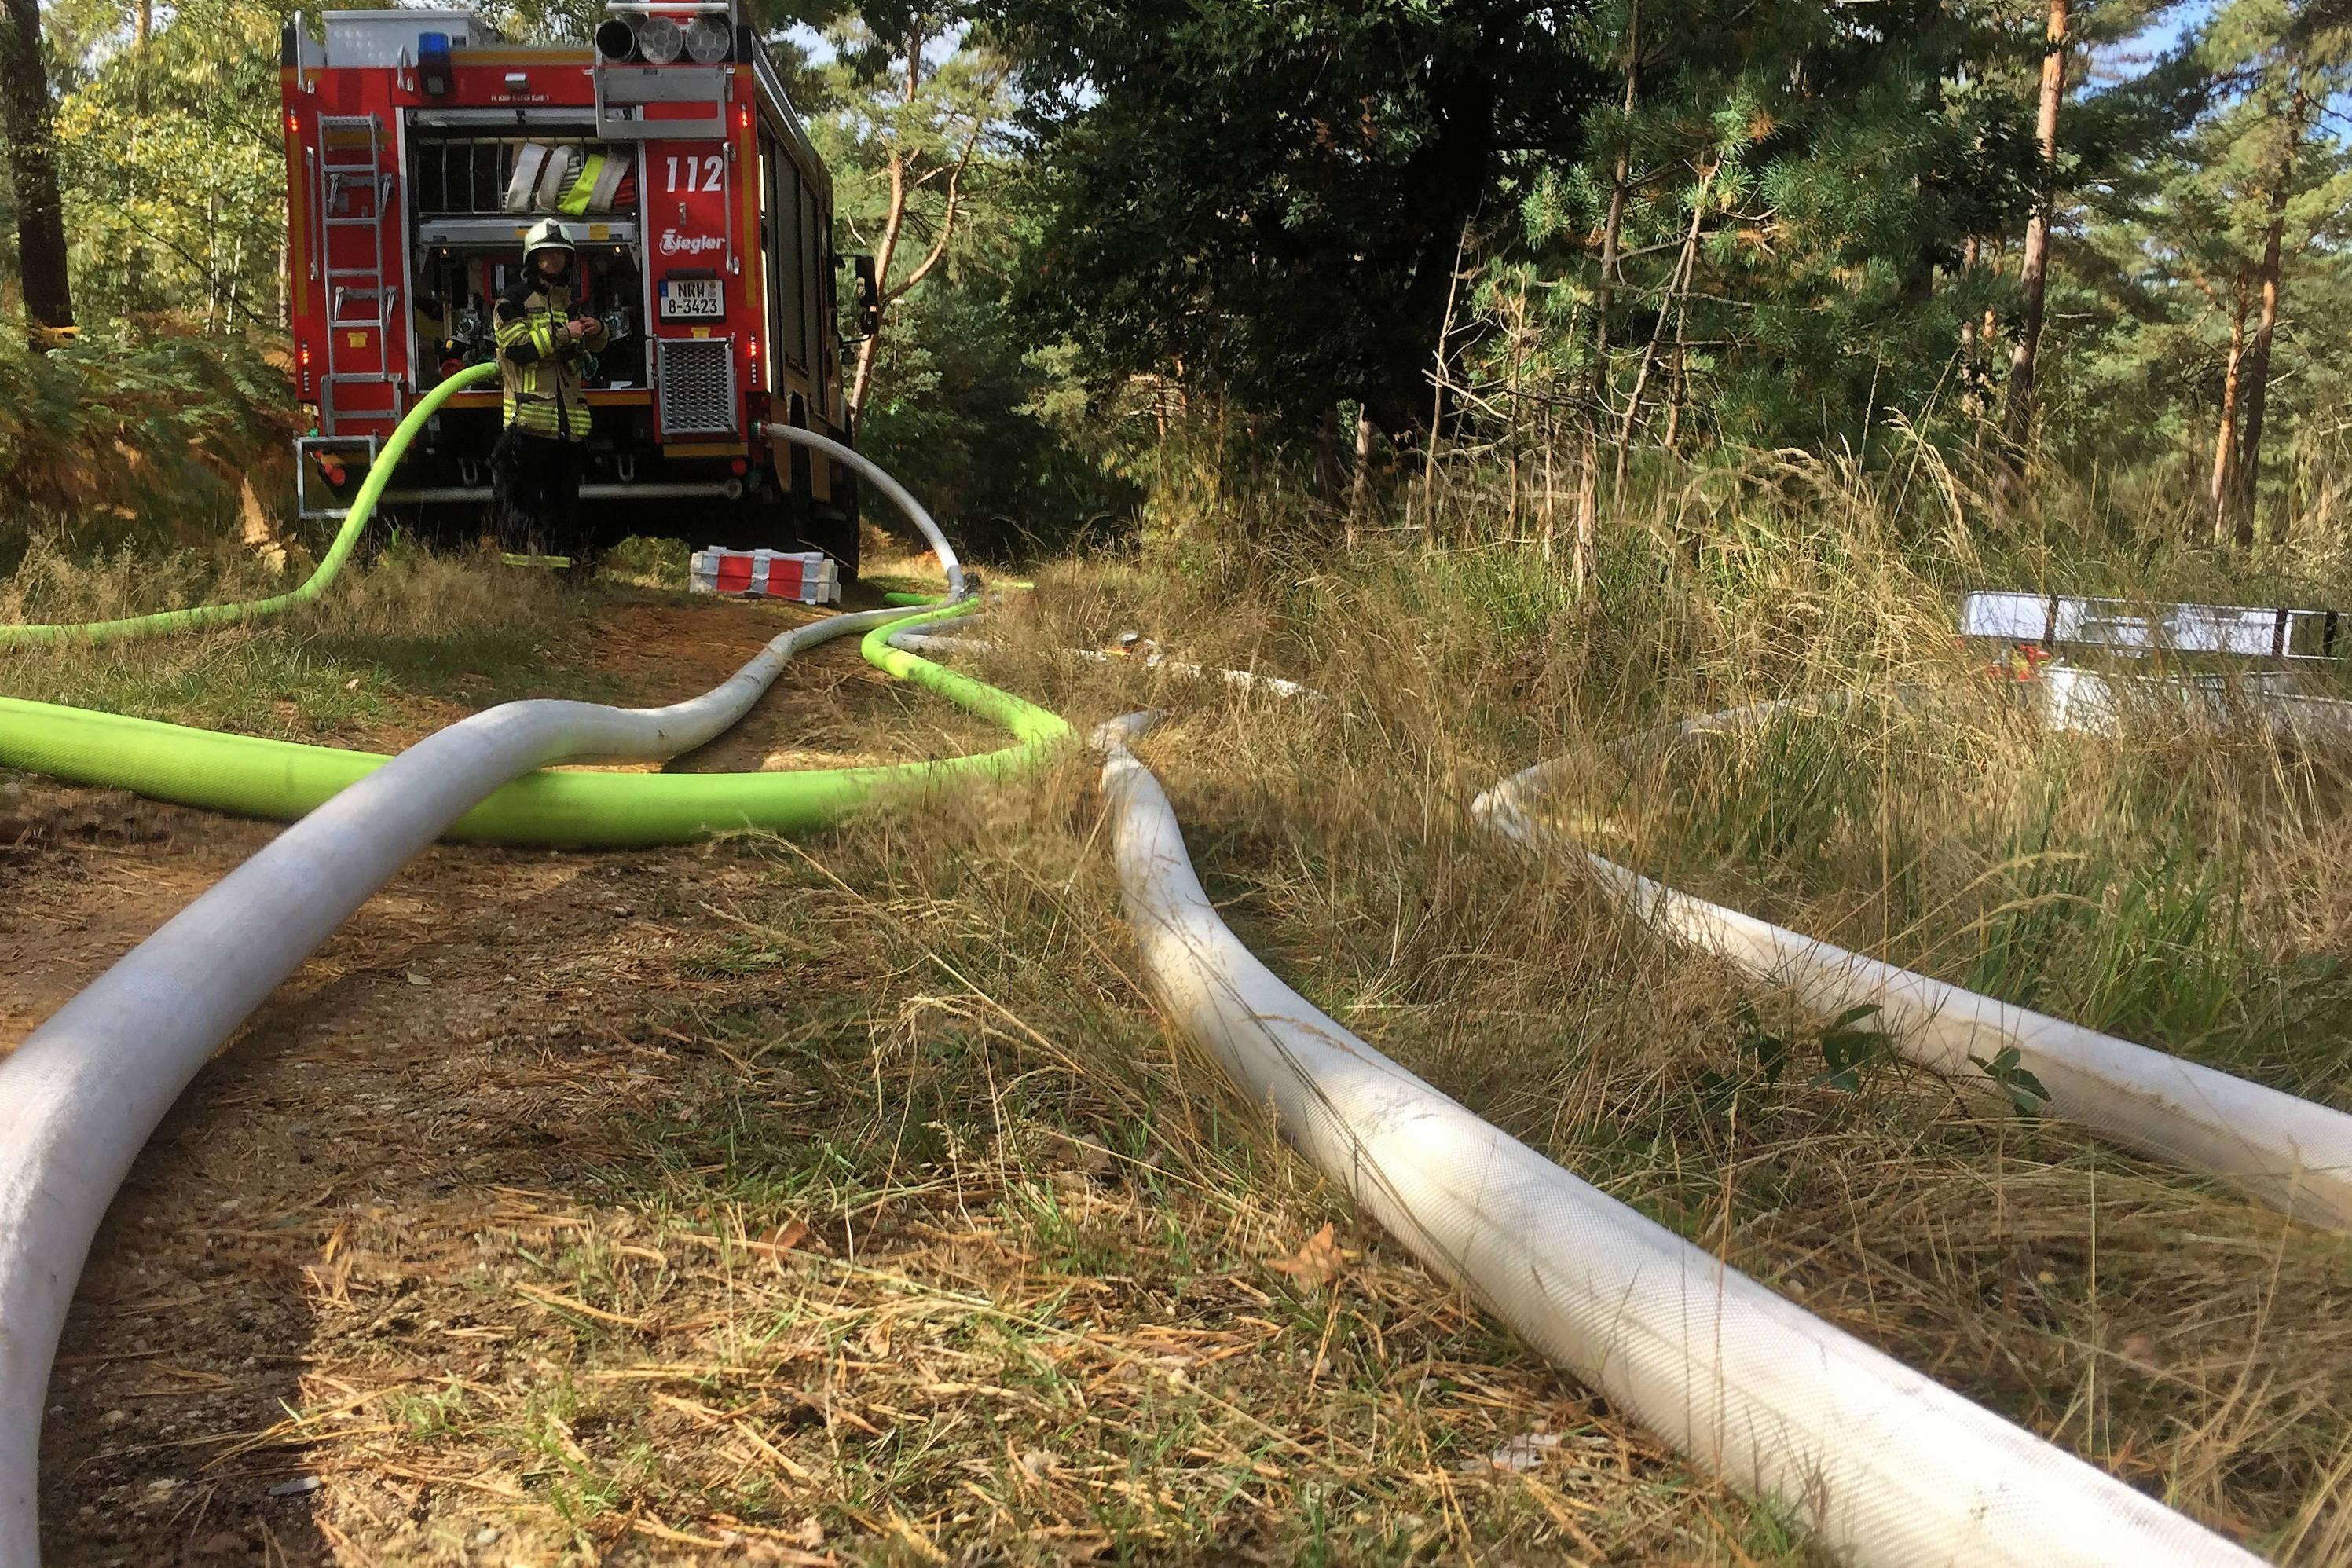 Das Wasser wurde über mehrere Kilometer von der Entnahmestelle zum Einsatzort gepumpt. (Foto: Kreis Viersen)